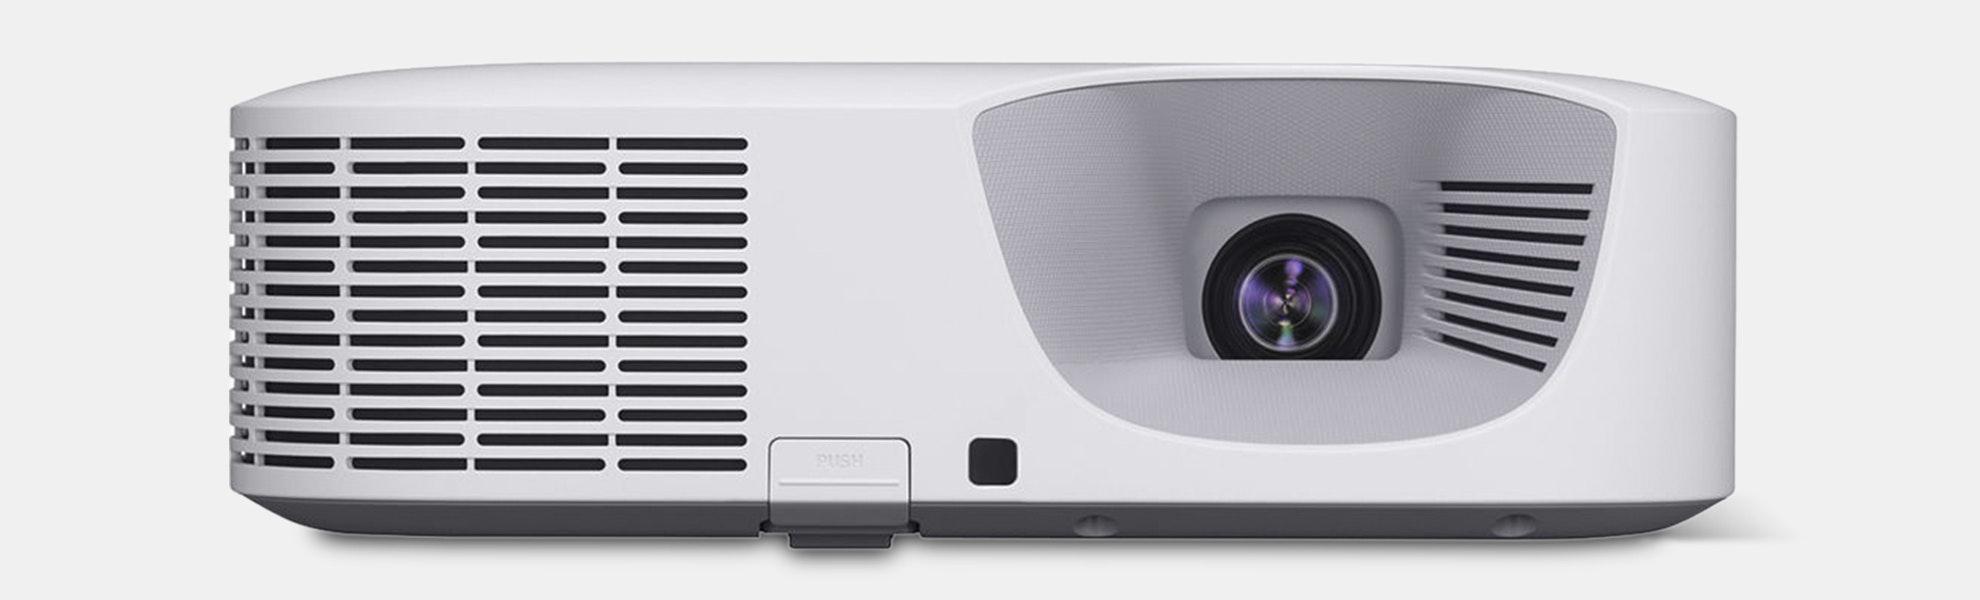 Casio XJ-V10X XGA 3,300-Lumen DLP Projector